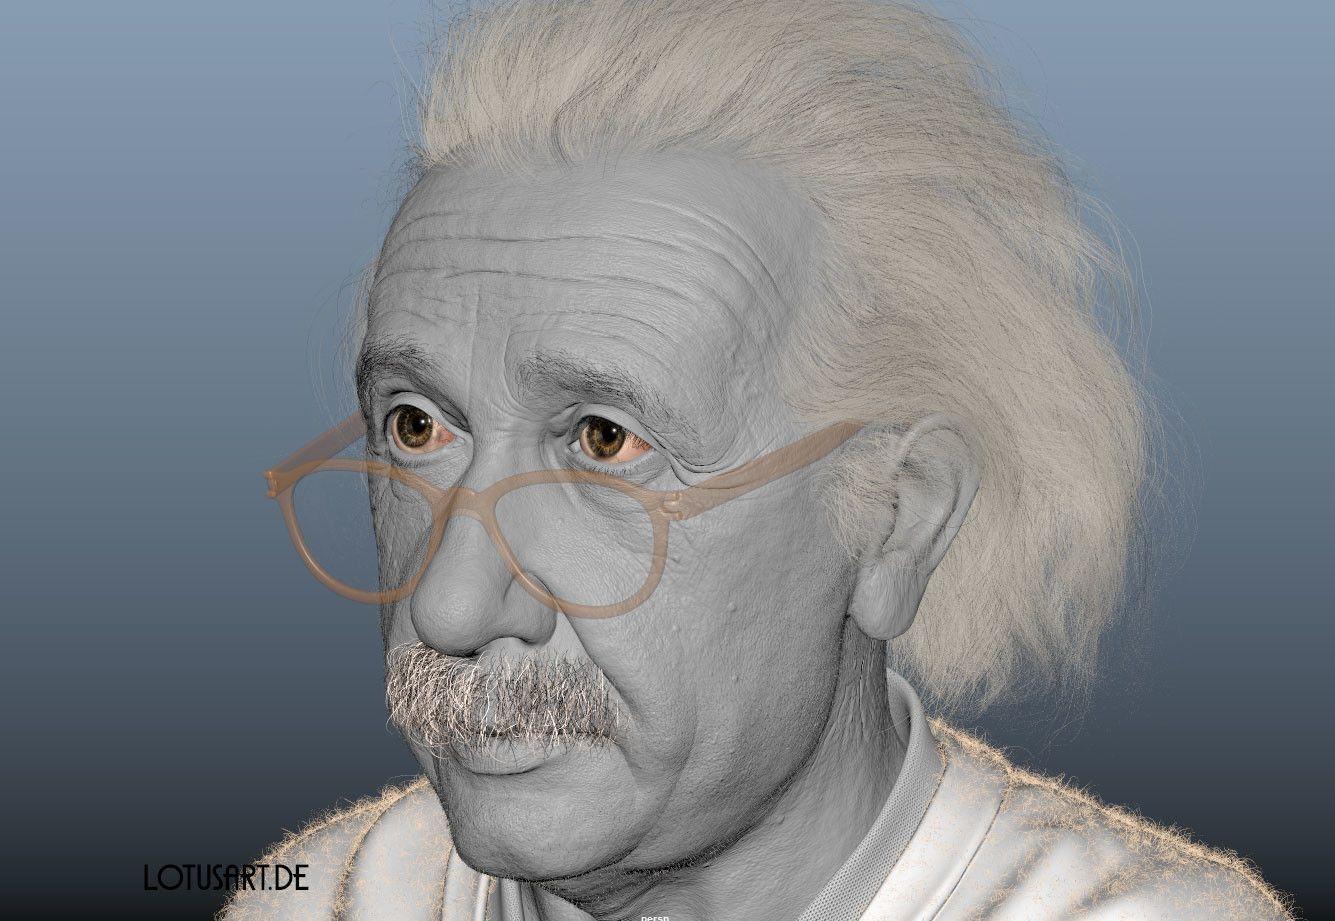 alexander-beim-alberteinstein-lotusart-alexanderbeim-screen-01 Albert Einstein 3D Porträt für ein Hologram